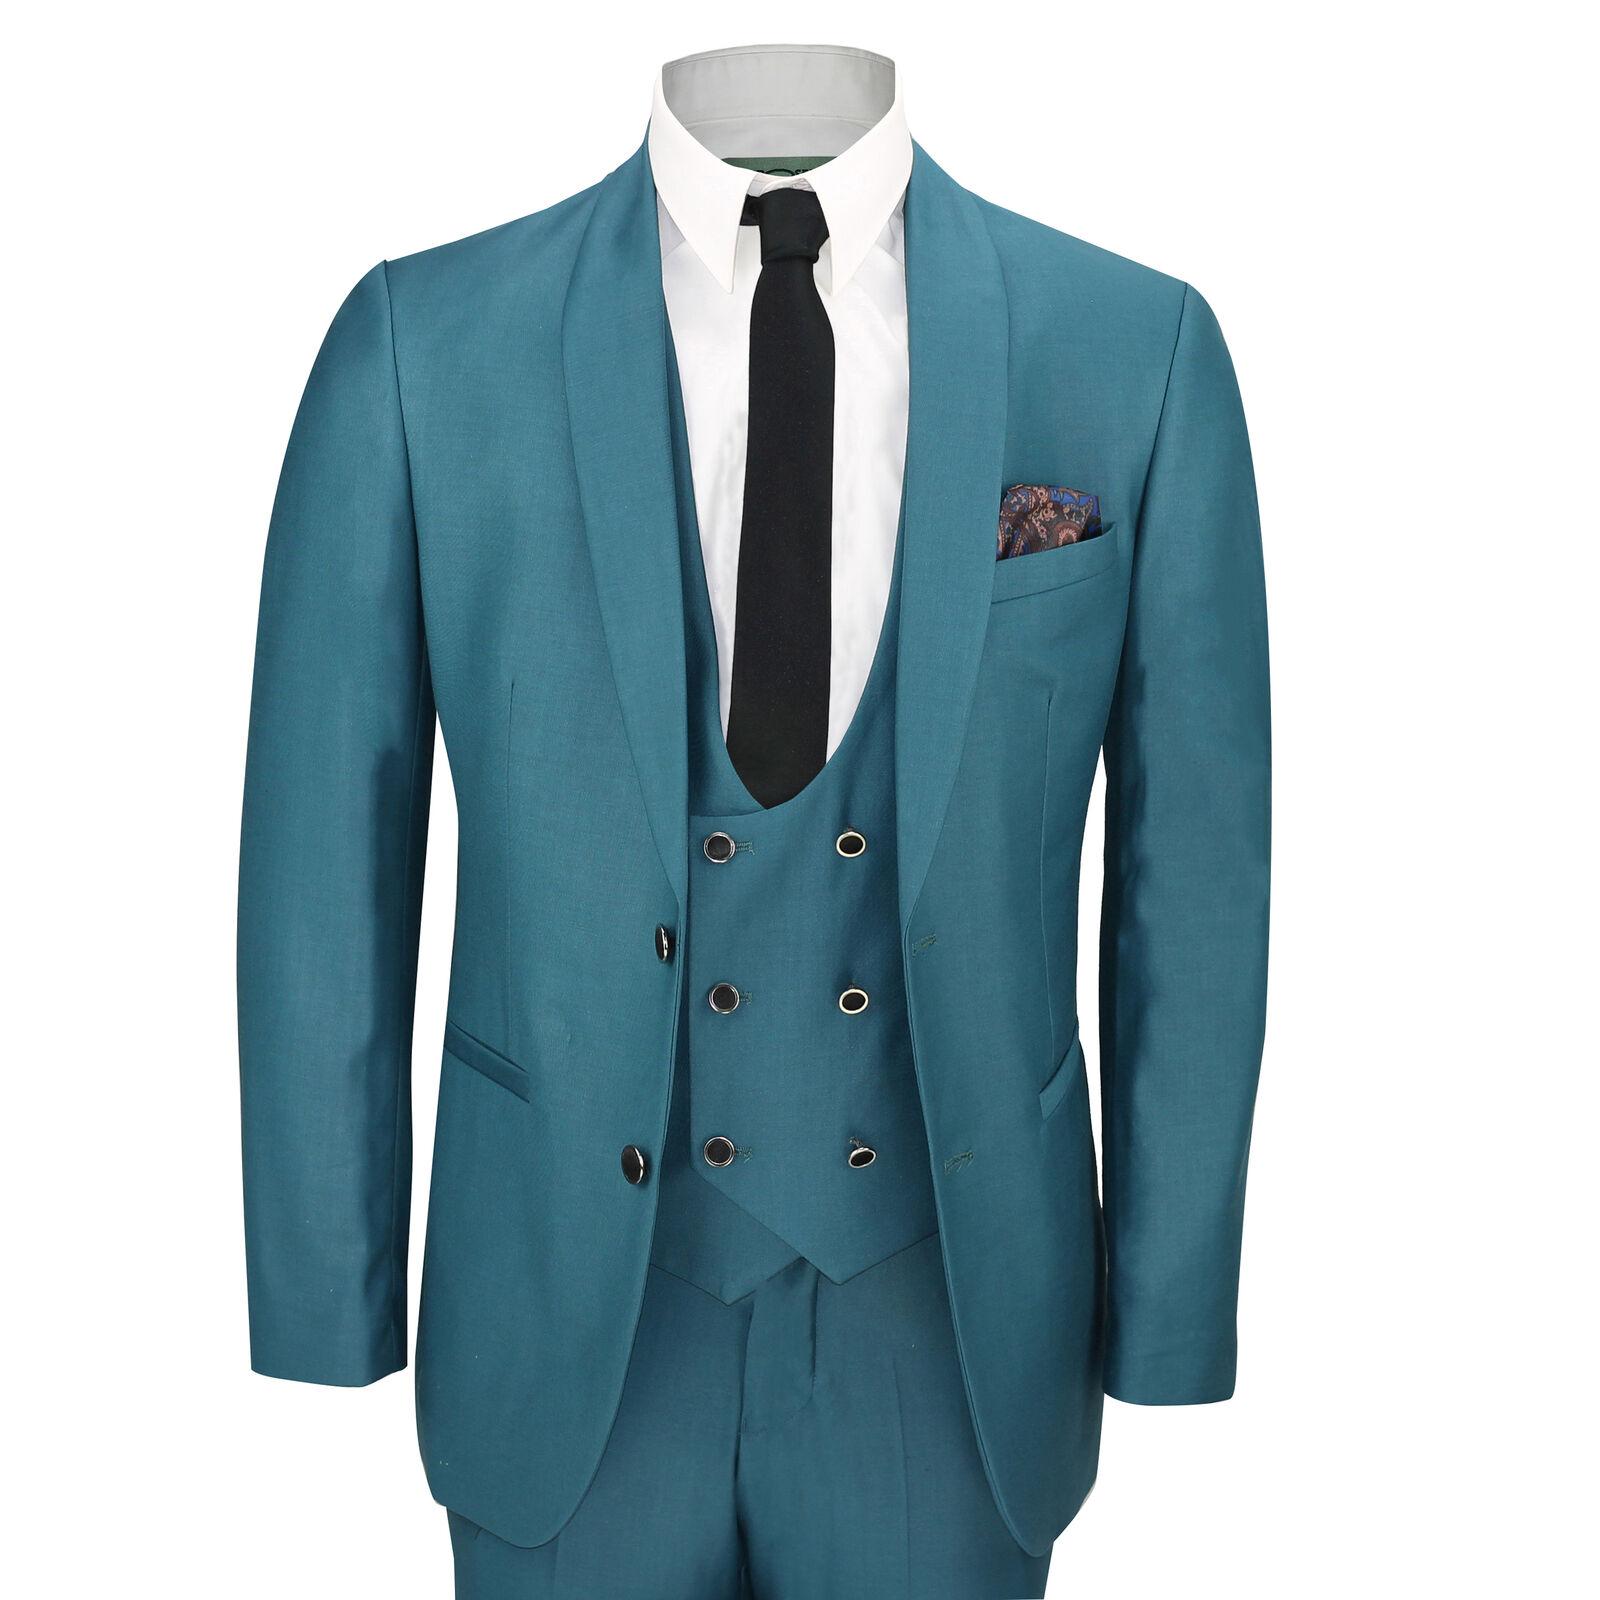 Da Uomo 3 PEZZI Color Foglia Di Tè Blu Scialle Scialle Scialle Bavero Slim Fit Vintage Smart Smoking Abito da sposa Prom cb110f